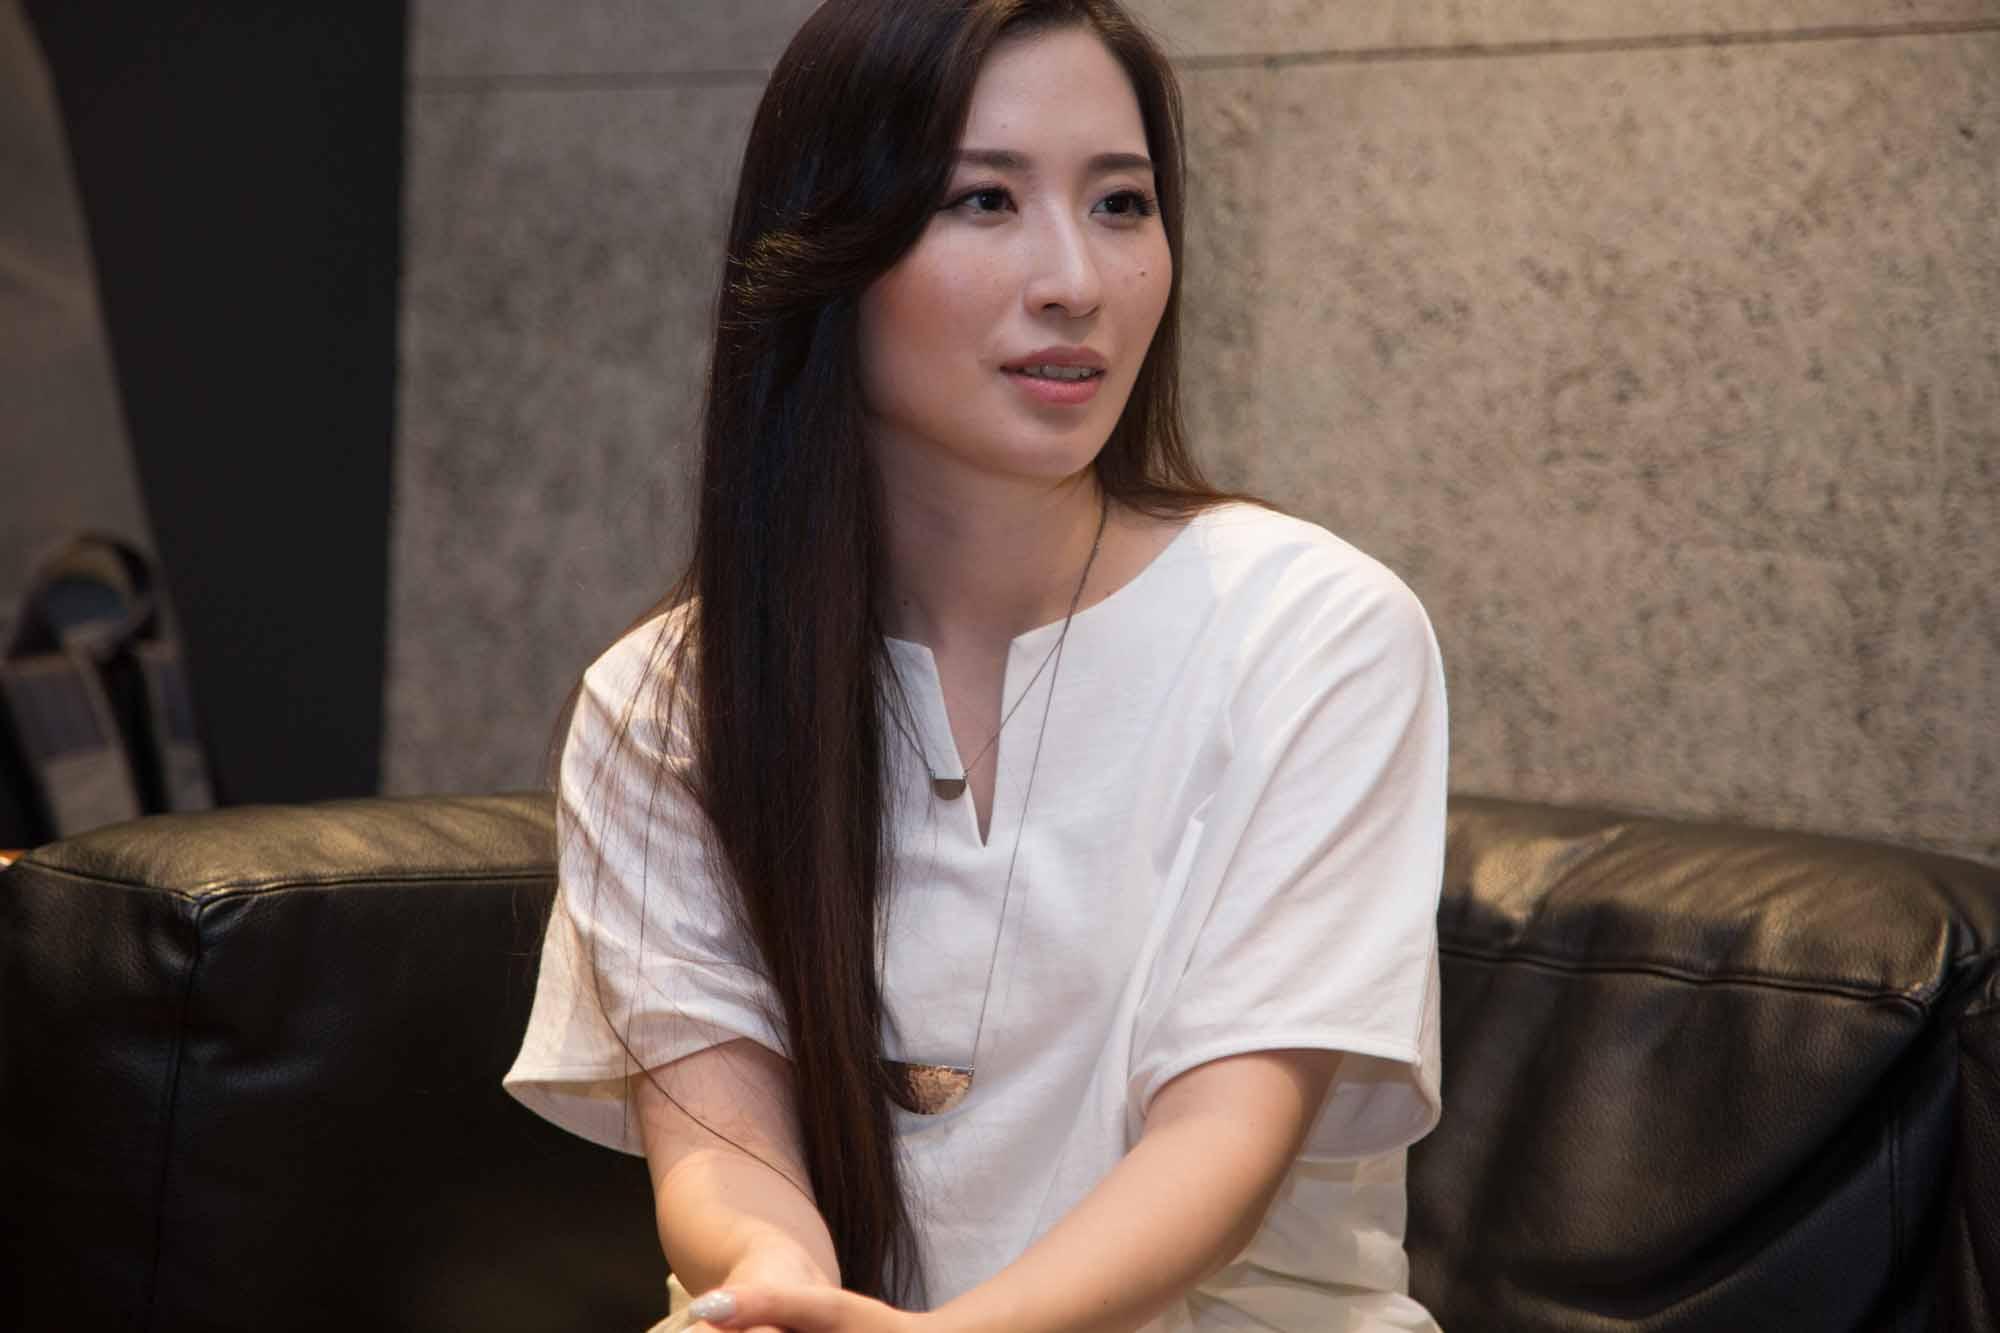 休日課長×花柳凜 葛飾北斎を見て進化したベーシストと、日本舞踊をカジュアルにする舞踊家